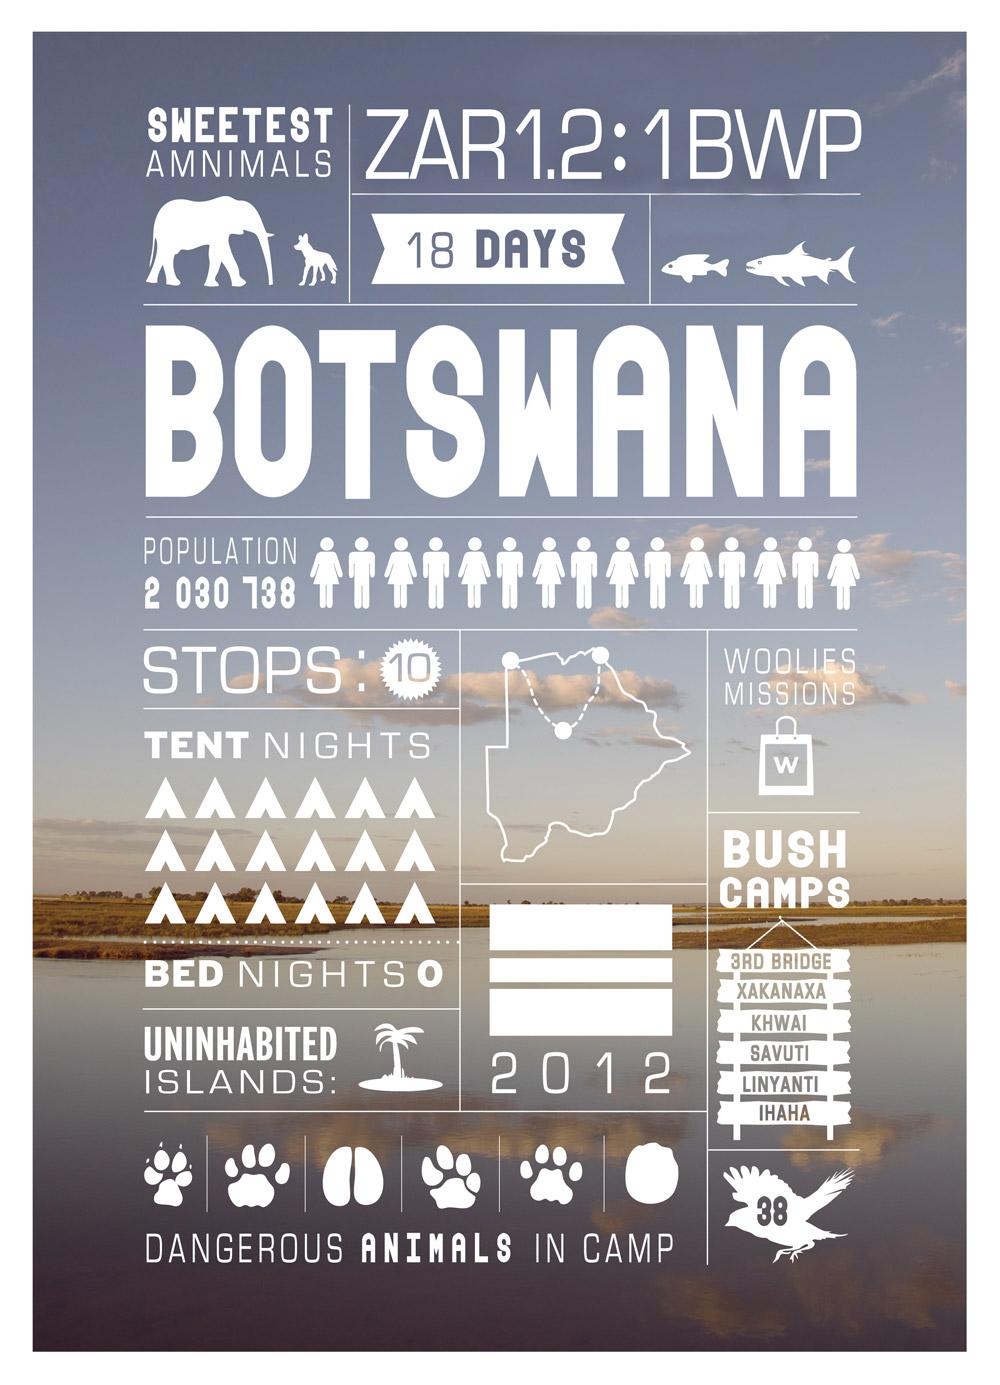 BOTSWANA-UPDATE